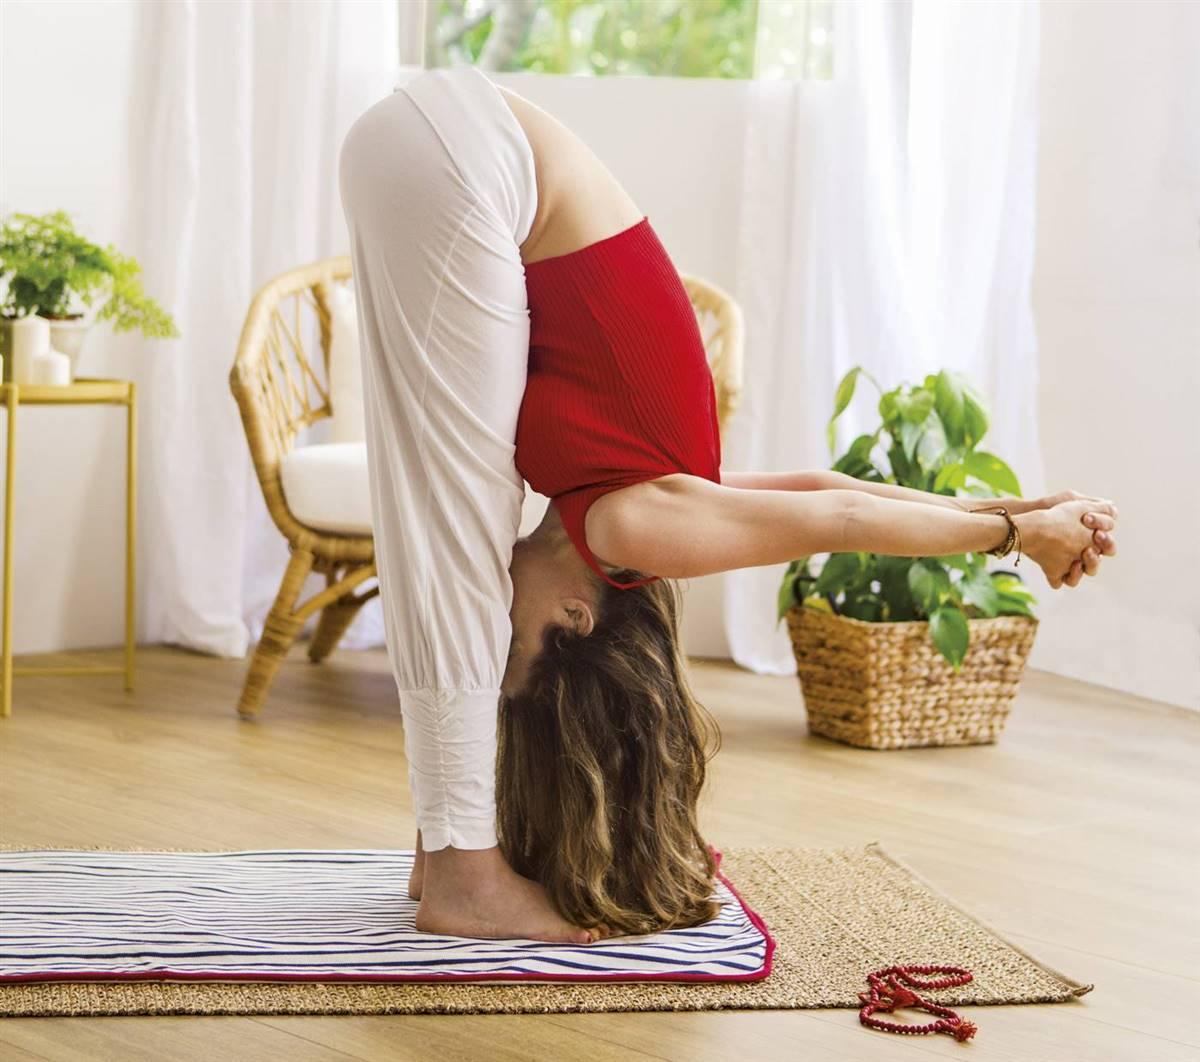 6 ejercicios sencillos para librarte del dolor de espalda e91bfe64dc0c